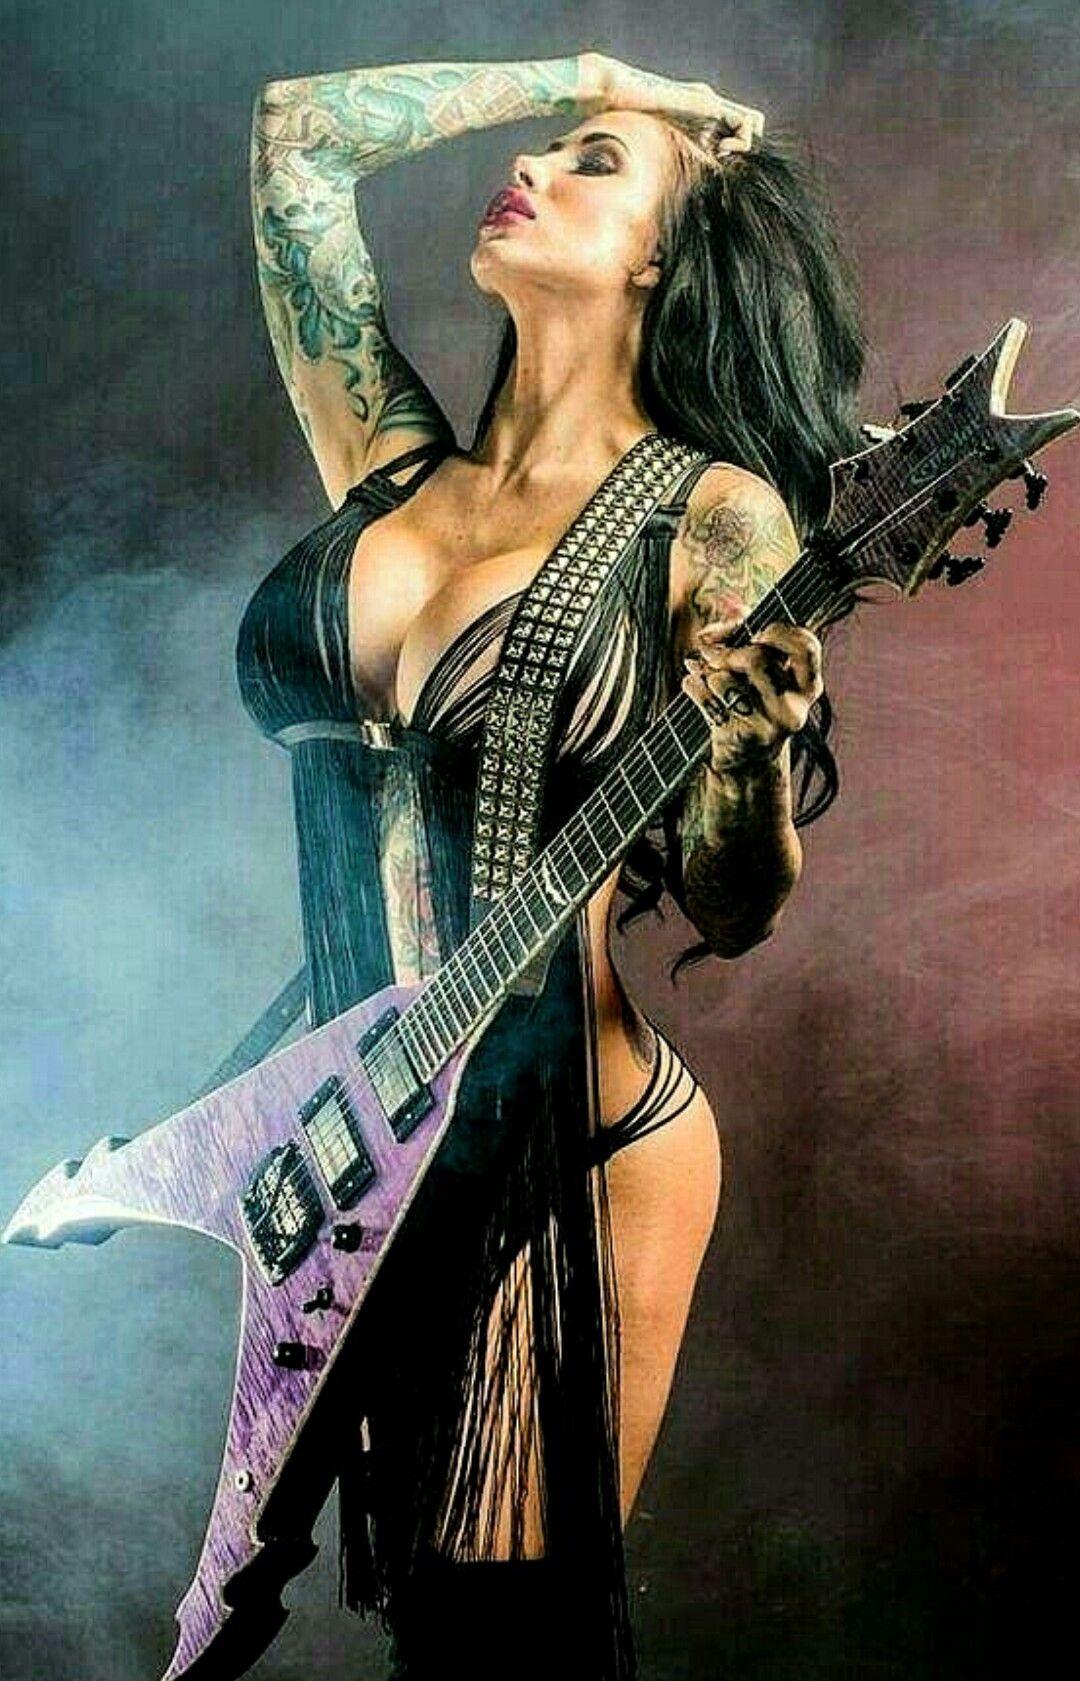 Картинки хеви метал девушки, для поздравления днем